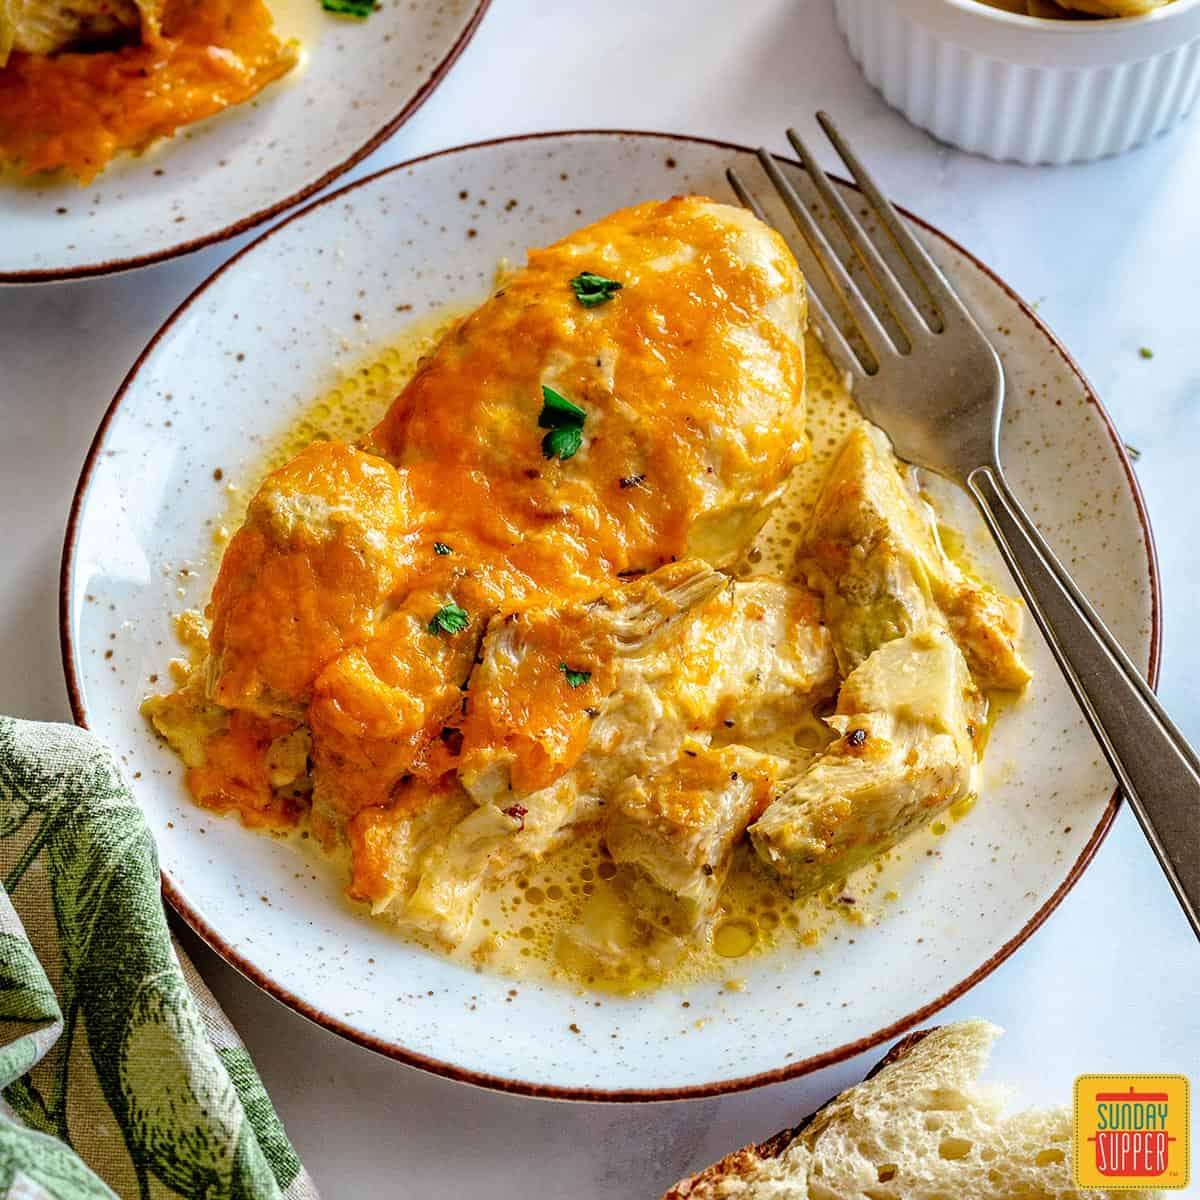 Chicken artichoke casserole on a plate with a fork